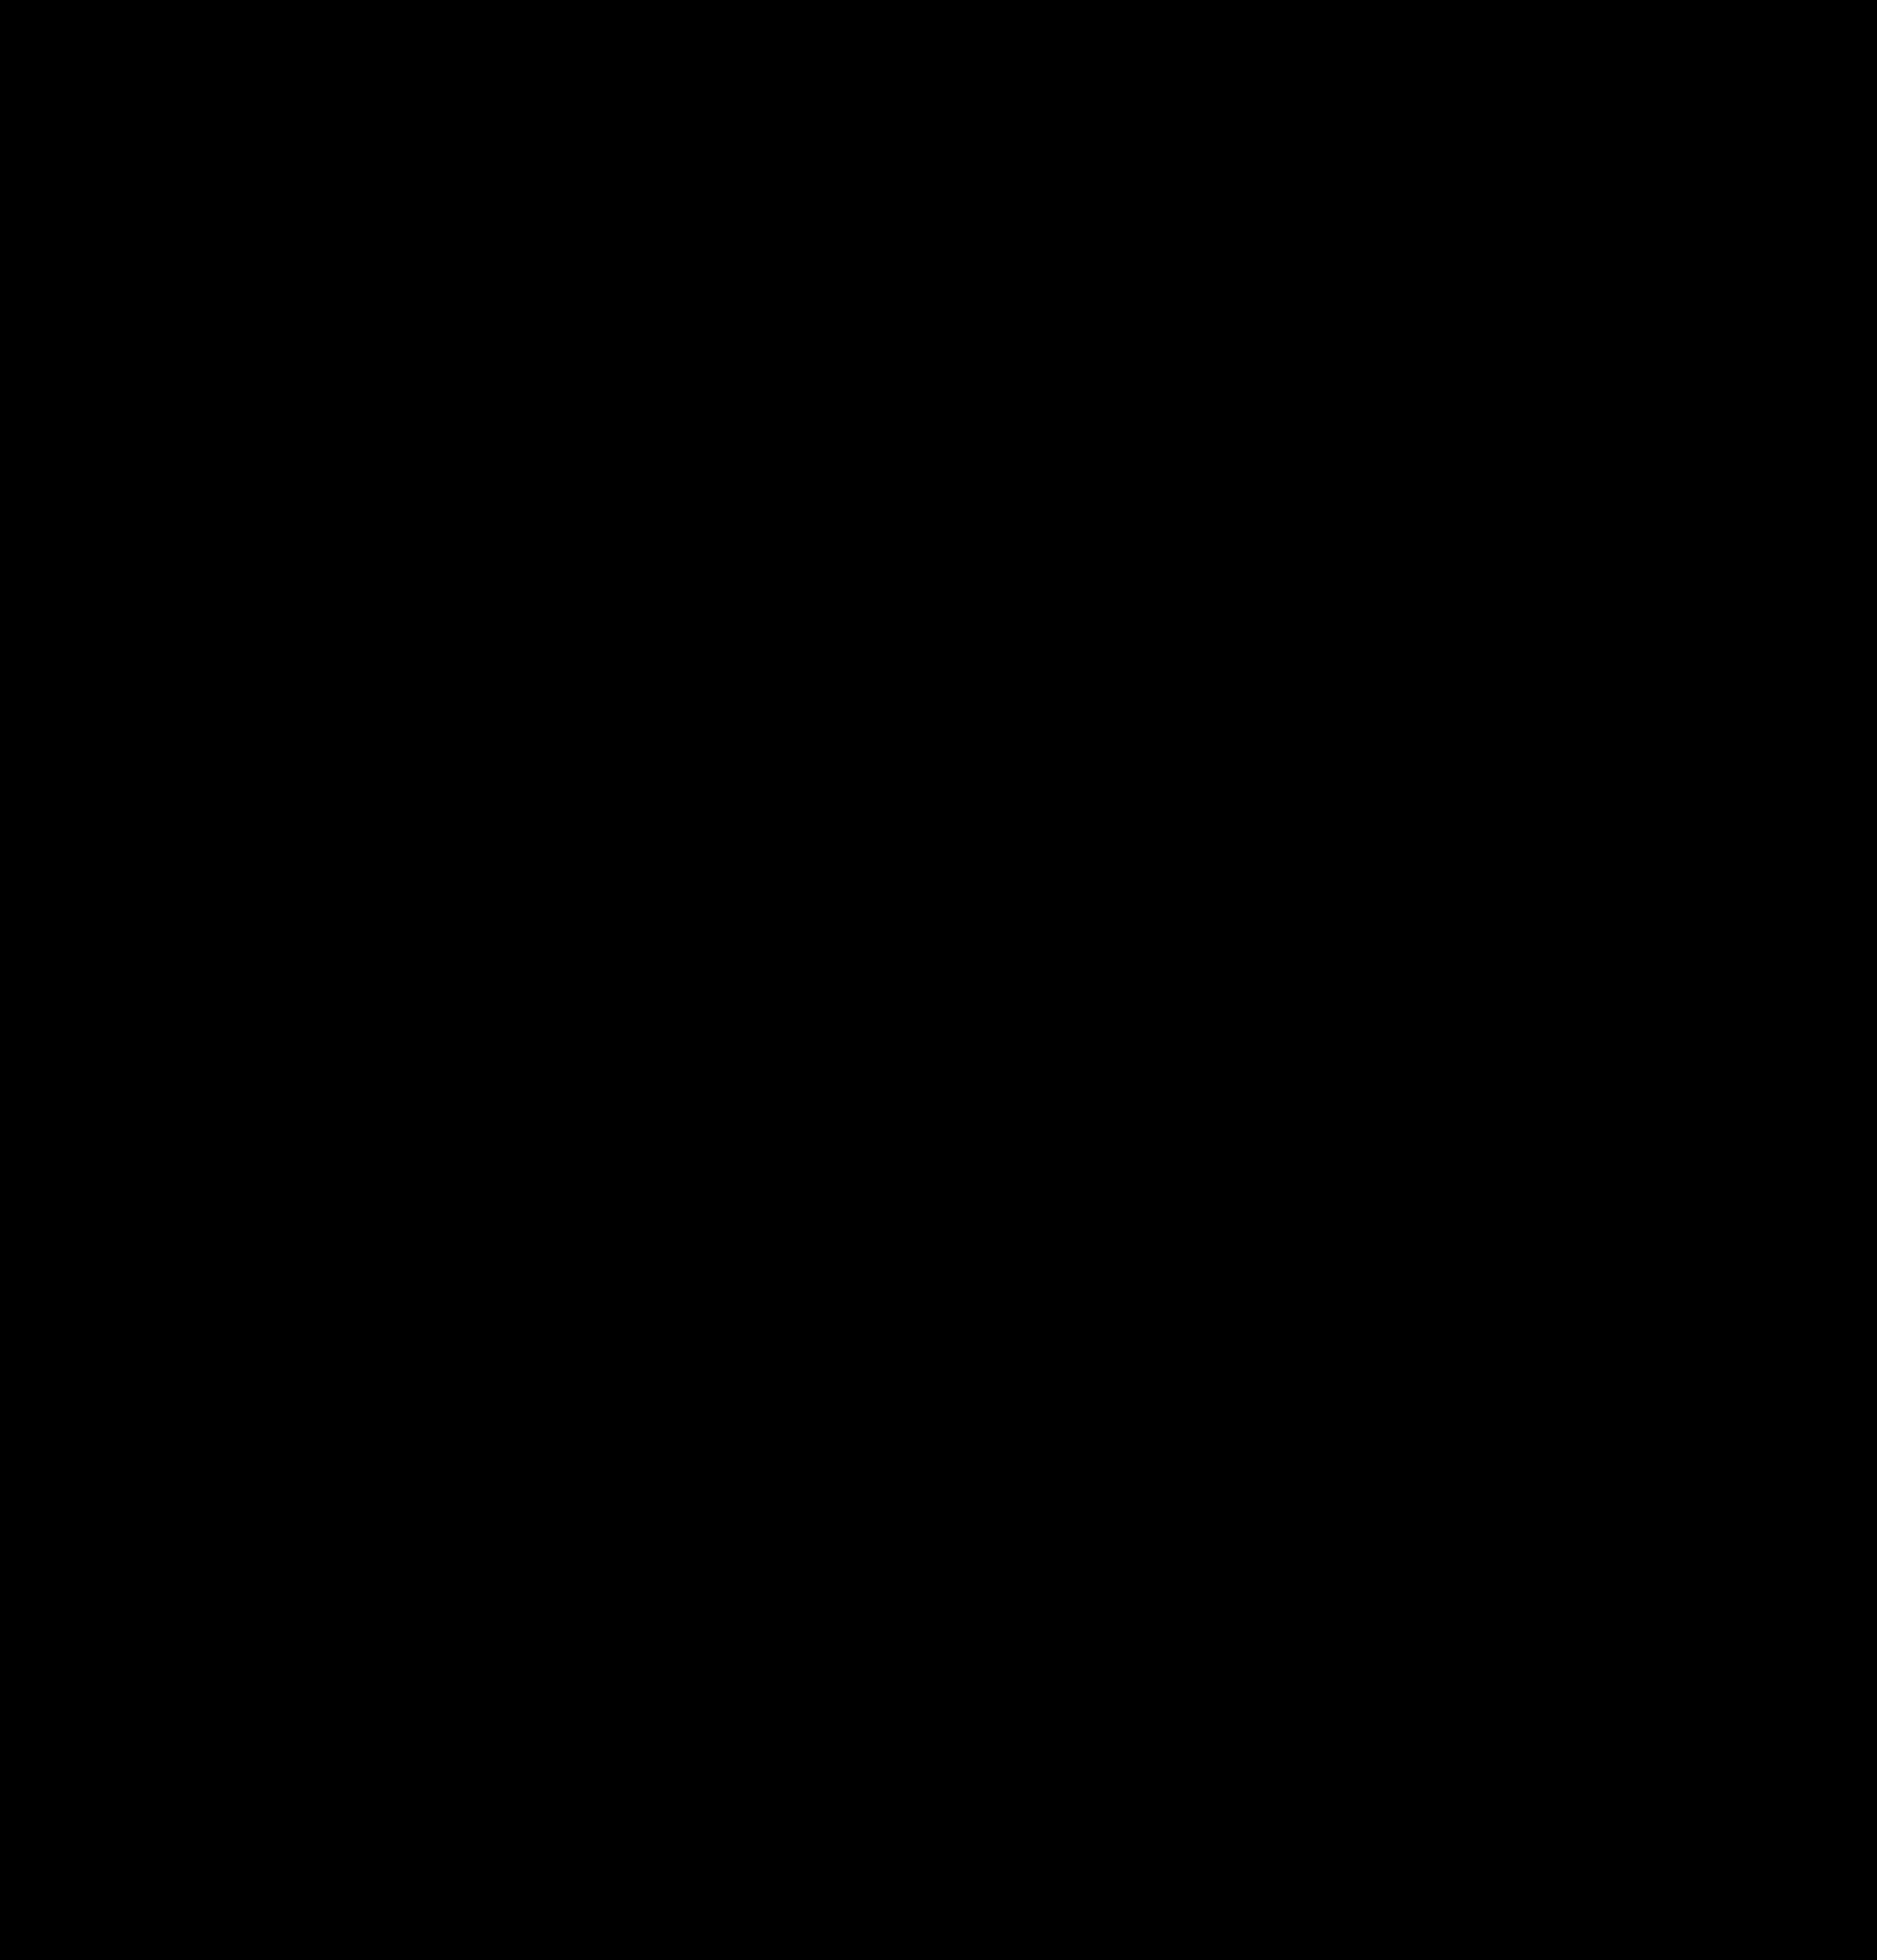 2298x2400 Picnic Basket Clip Art Tumundografico Wikiclipart